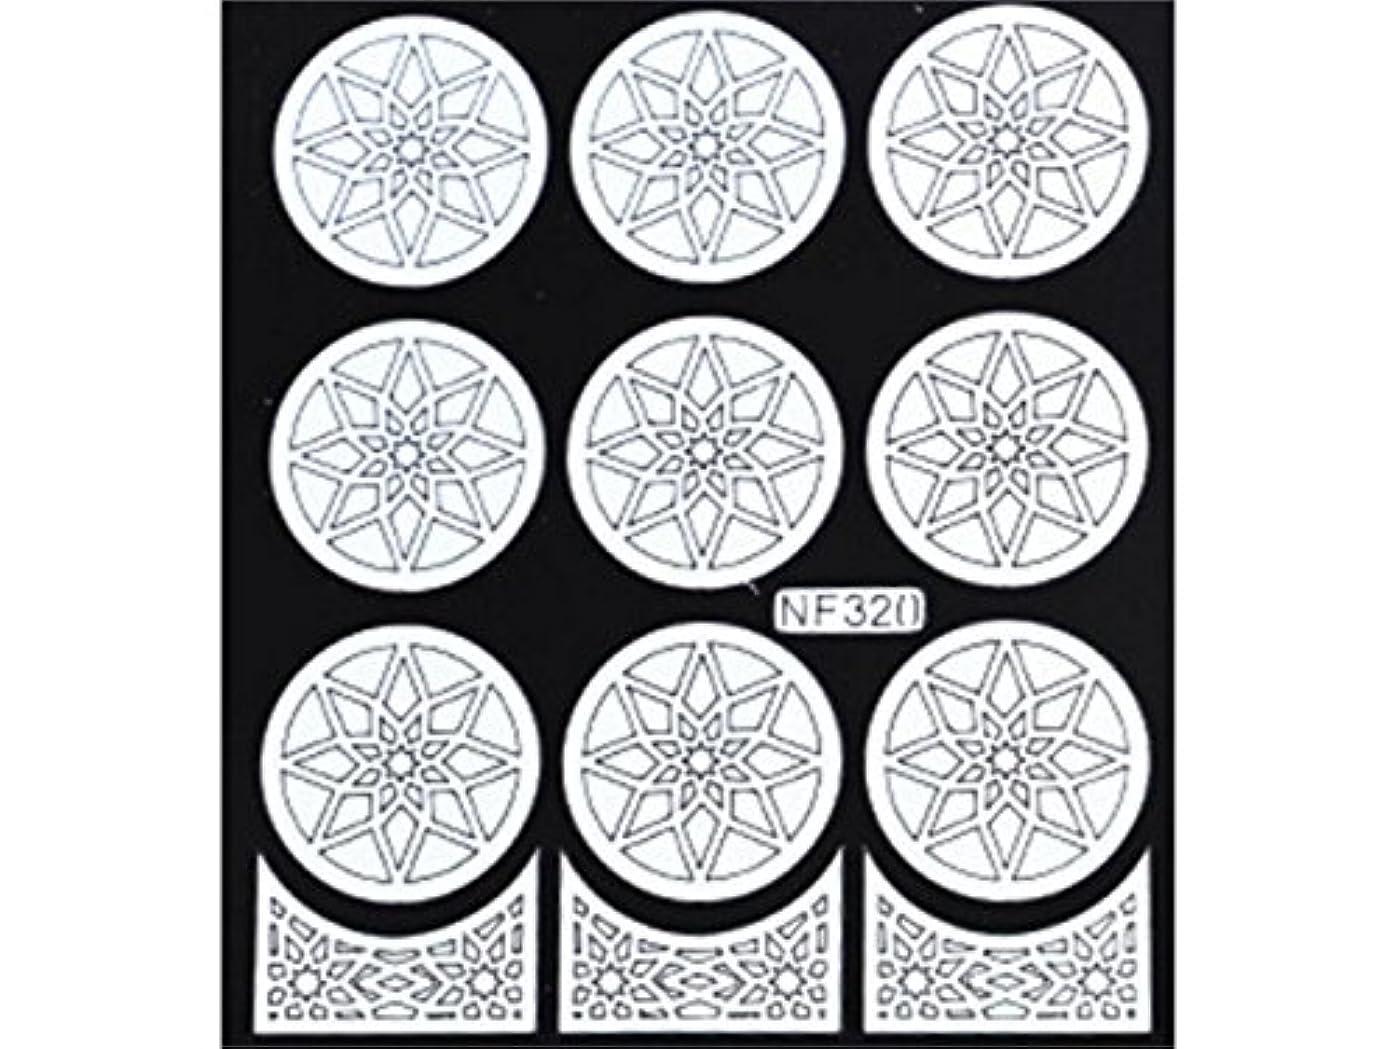 事業内容フィクションスリンクOsize 女性のネイルステッカーネイルアートプレートをスタンピングネイルポリッシュマニキュア印刷テンプレートDIYの装飾(シルバー)